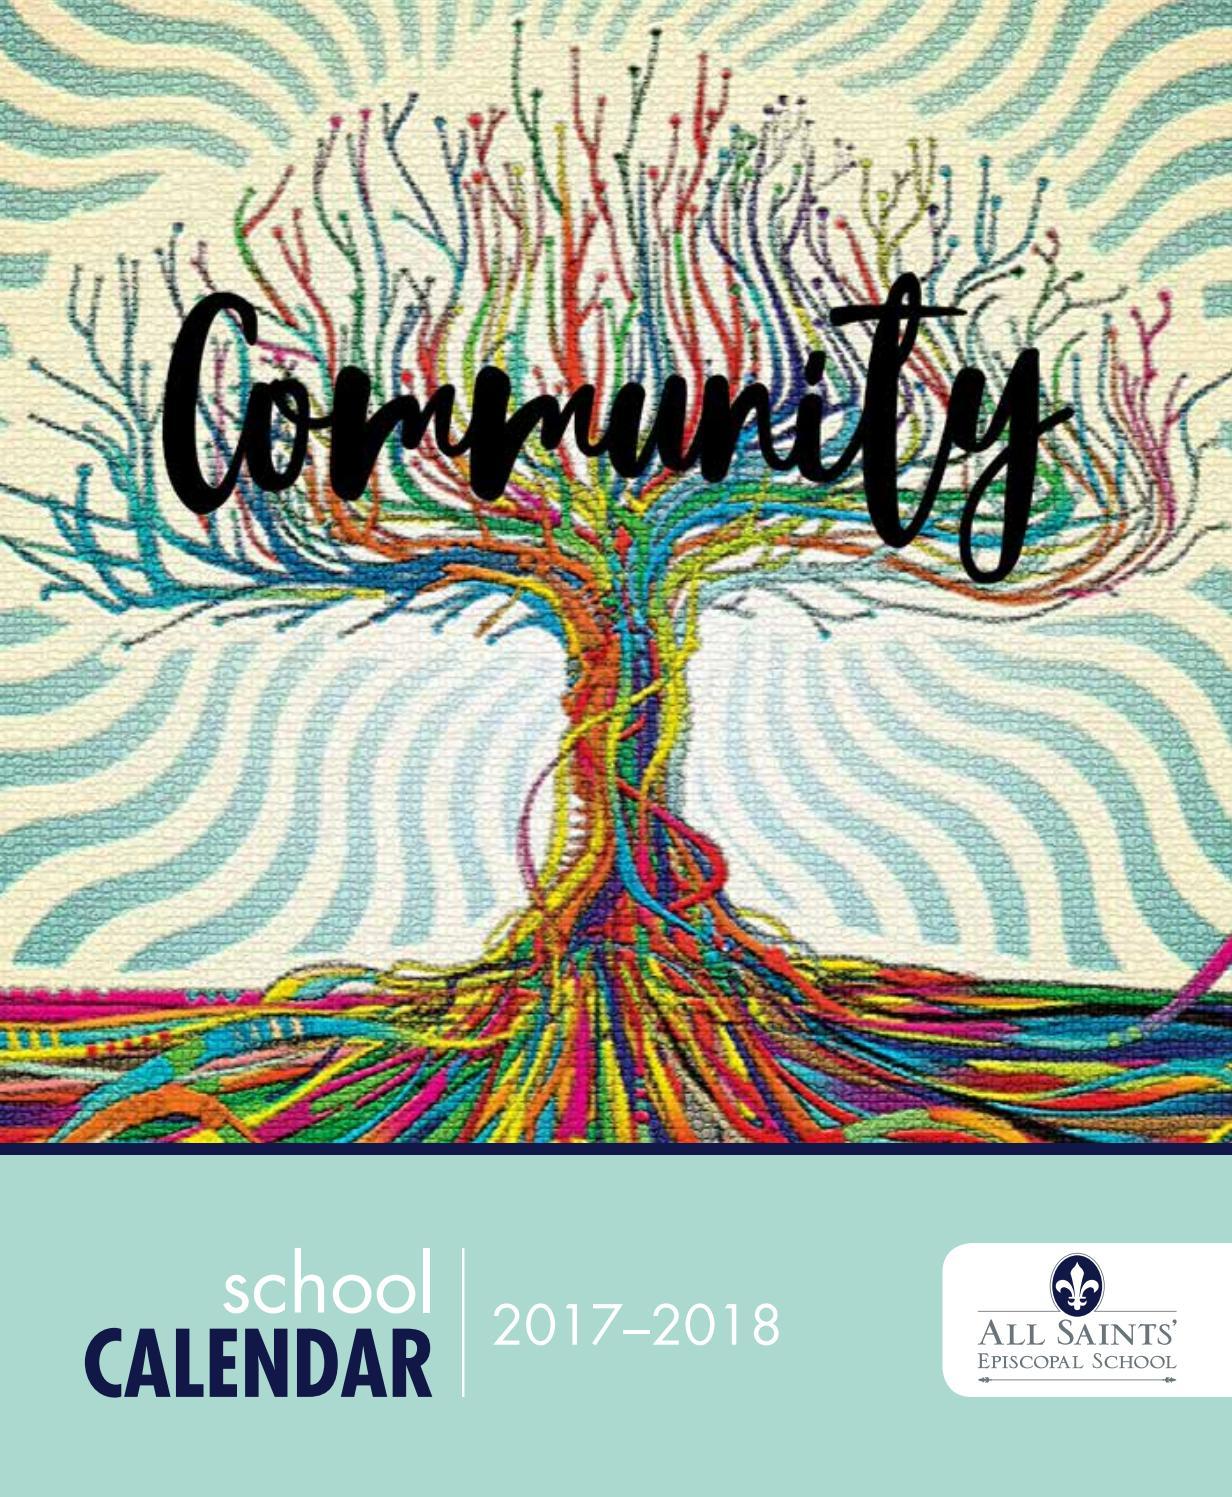 All Saints' Calendar, 2017 2018All Saints' Episcopal Regarding Dsm School Calendar